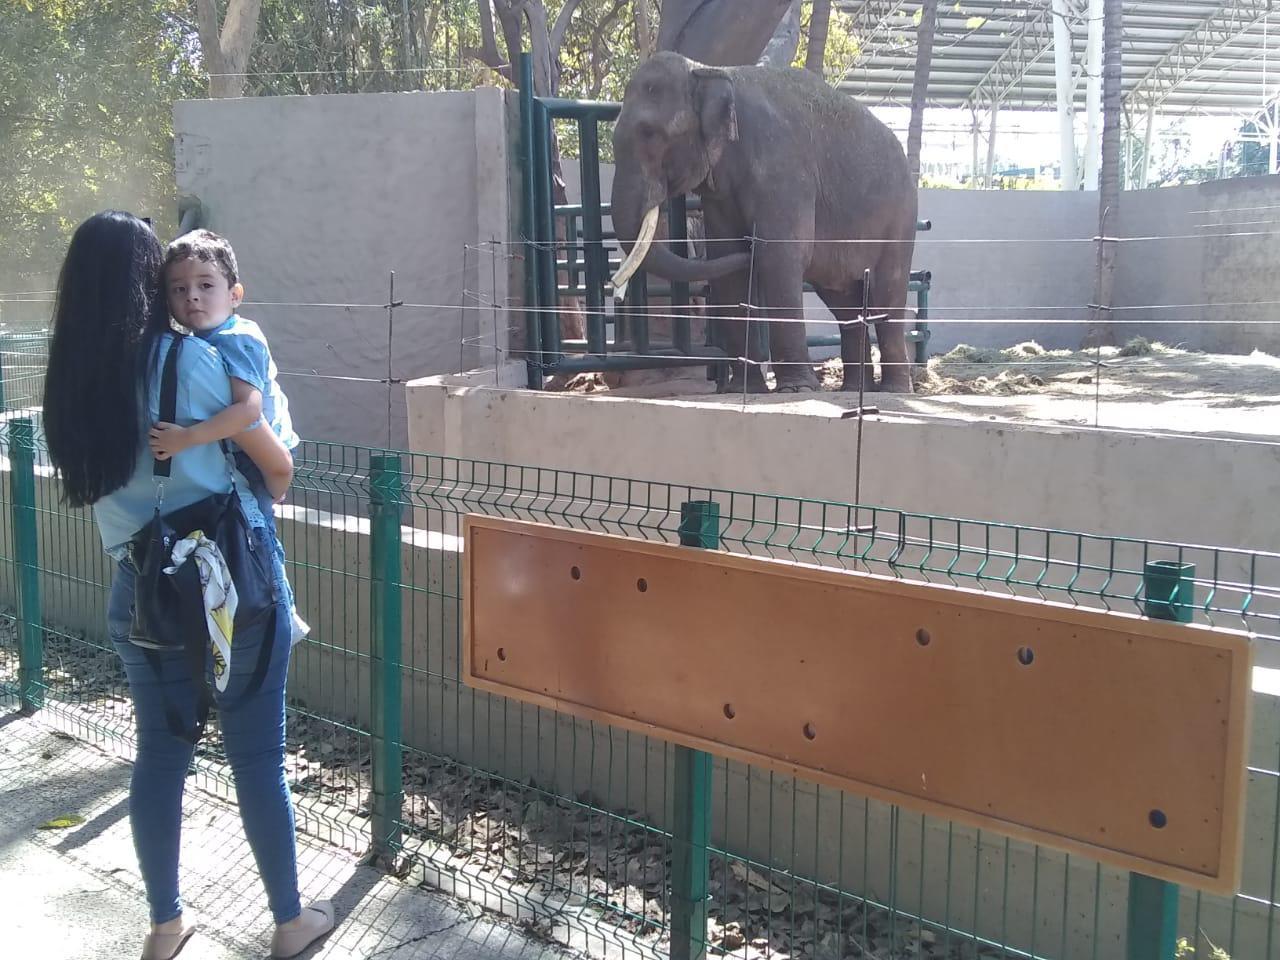 $!Desmiente activista supuesto maltrato al elefante 'Big Boy'